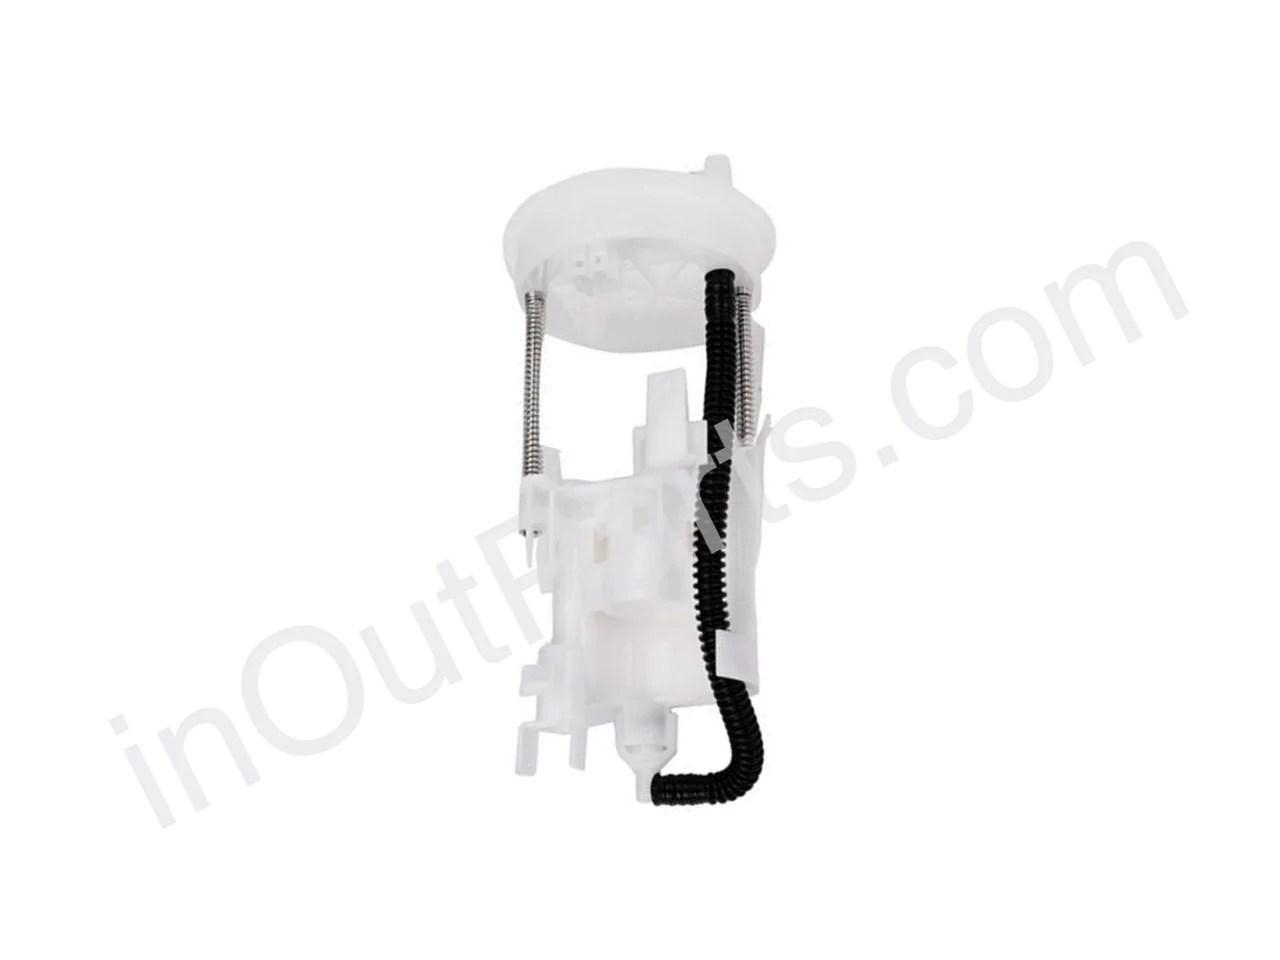 medium resolution of fuel filter fits honda cr v 2 4 re 2 4 2006 2007 2008 2009 2010 2011 inout parts